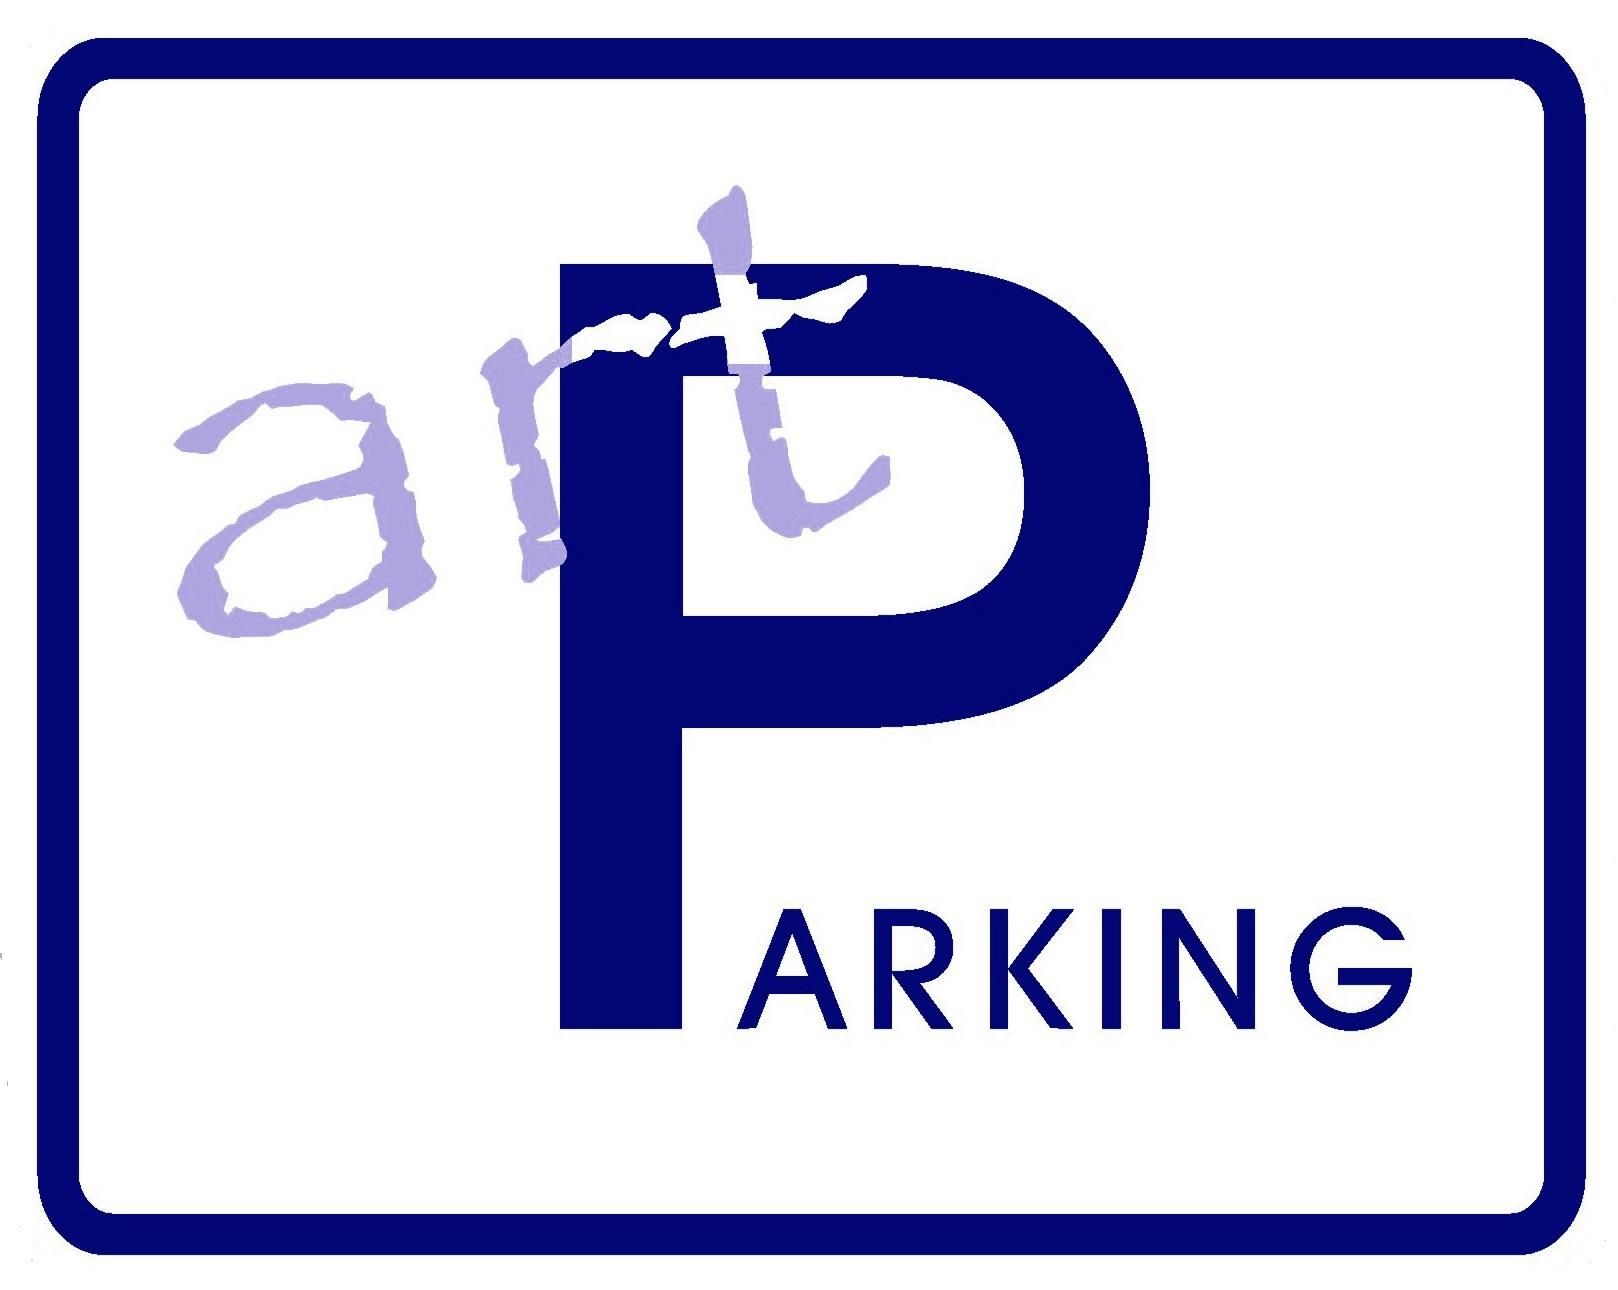 Art-parkING